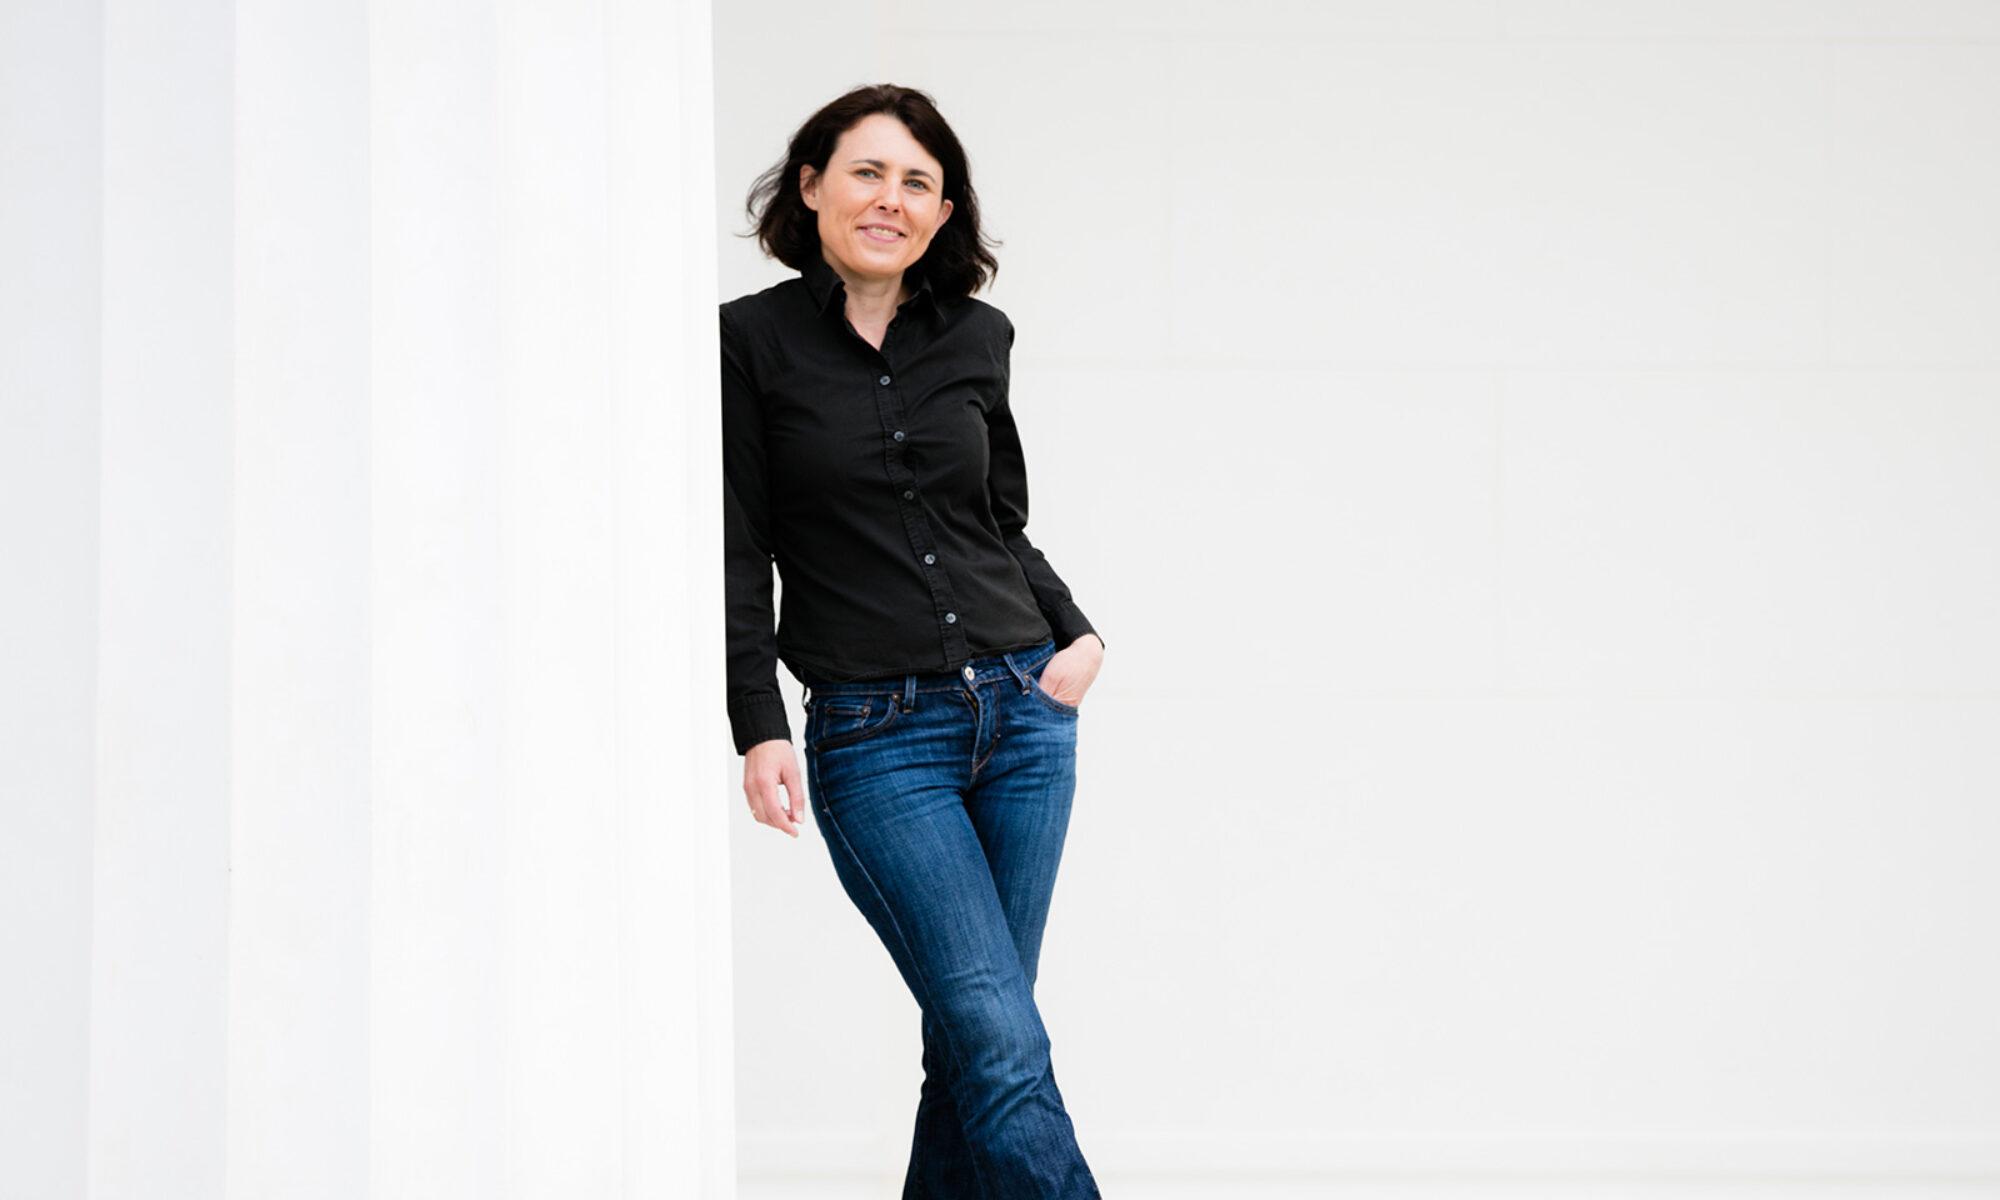 Karoline Cvancara